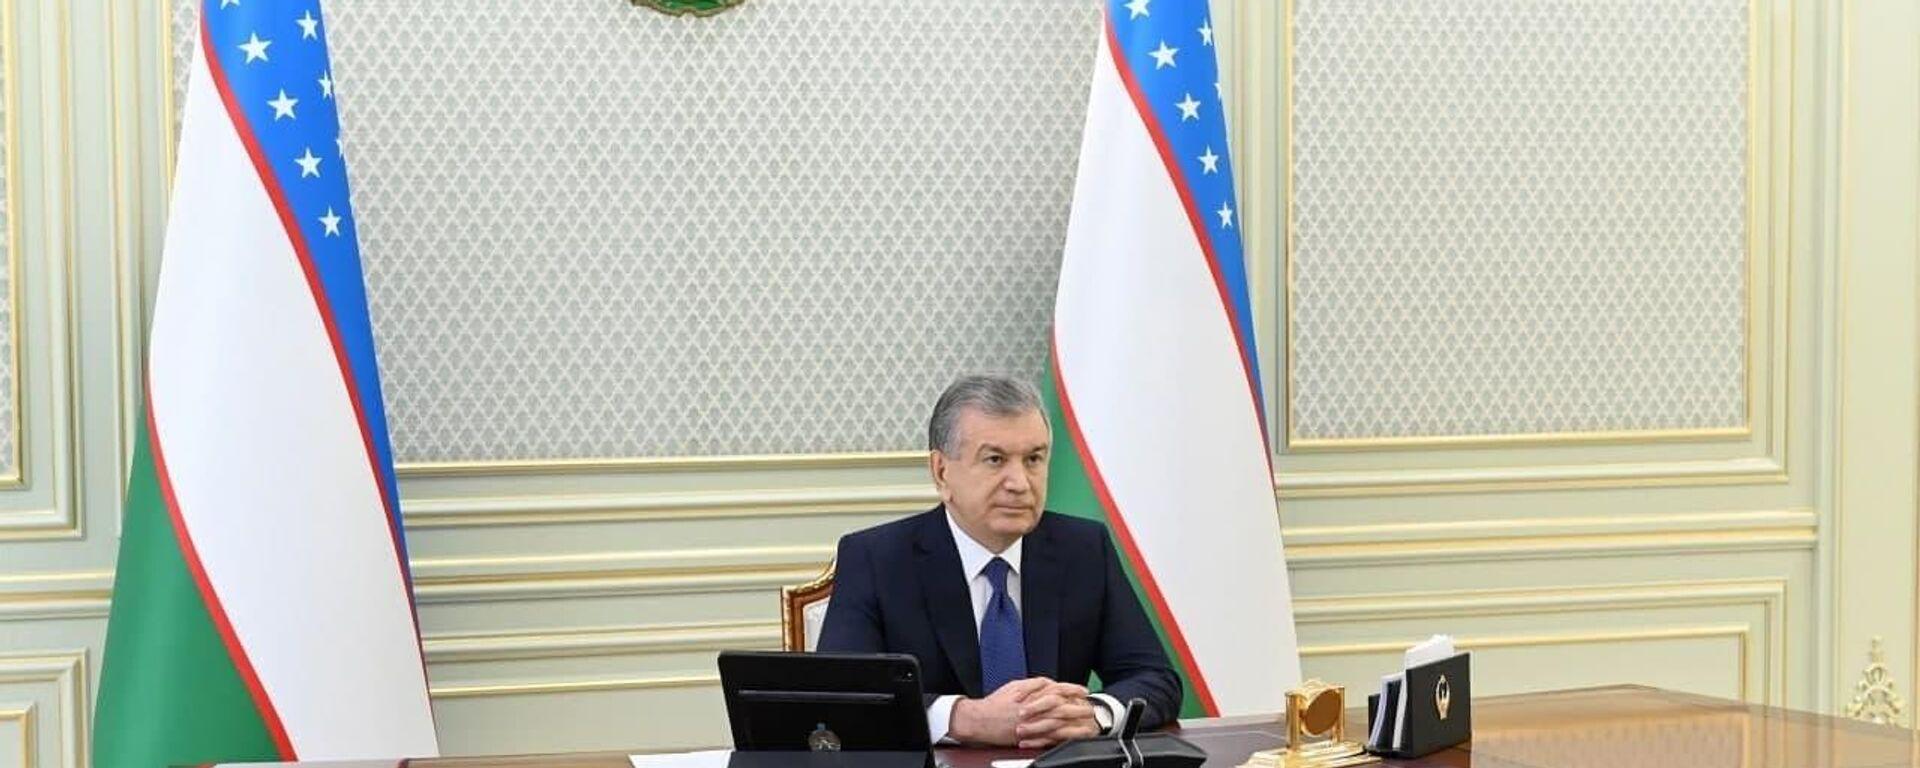 Prezident Uzbekistana prinyal uchastiye v sammite ODKB - Sputnik Oʻzbekiston, 1920, 23.08.2021